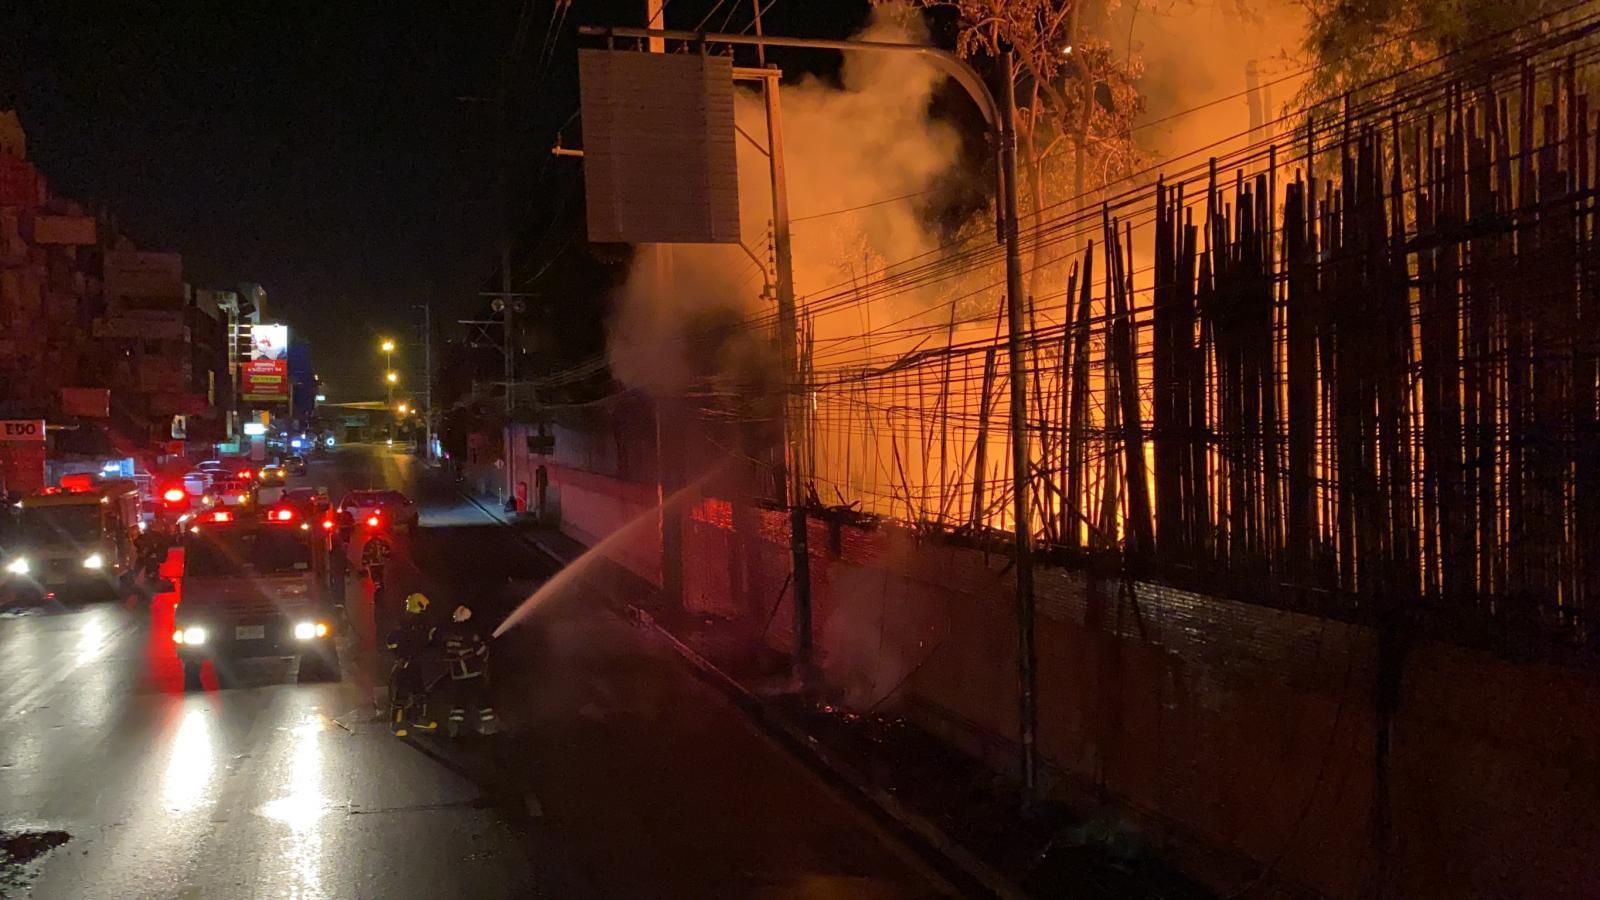 """ไฟไหม้สายไฟ ลามเข้าโกดังเก็บเศษไม้ """"เสถียรธรรมสถาน"""" คาดหม้อแปลงระเบิด"""